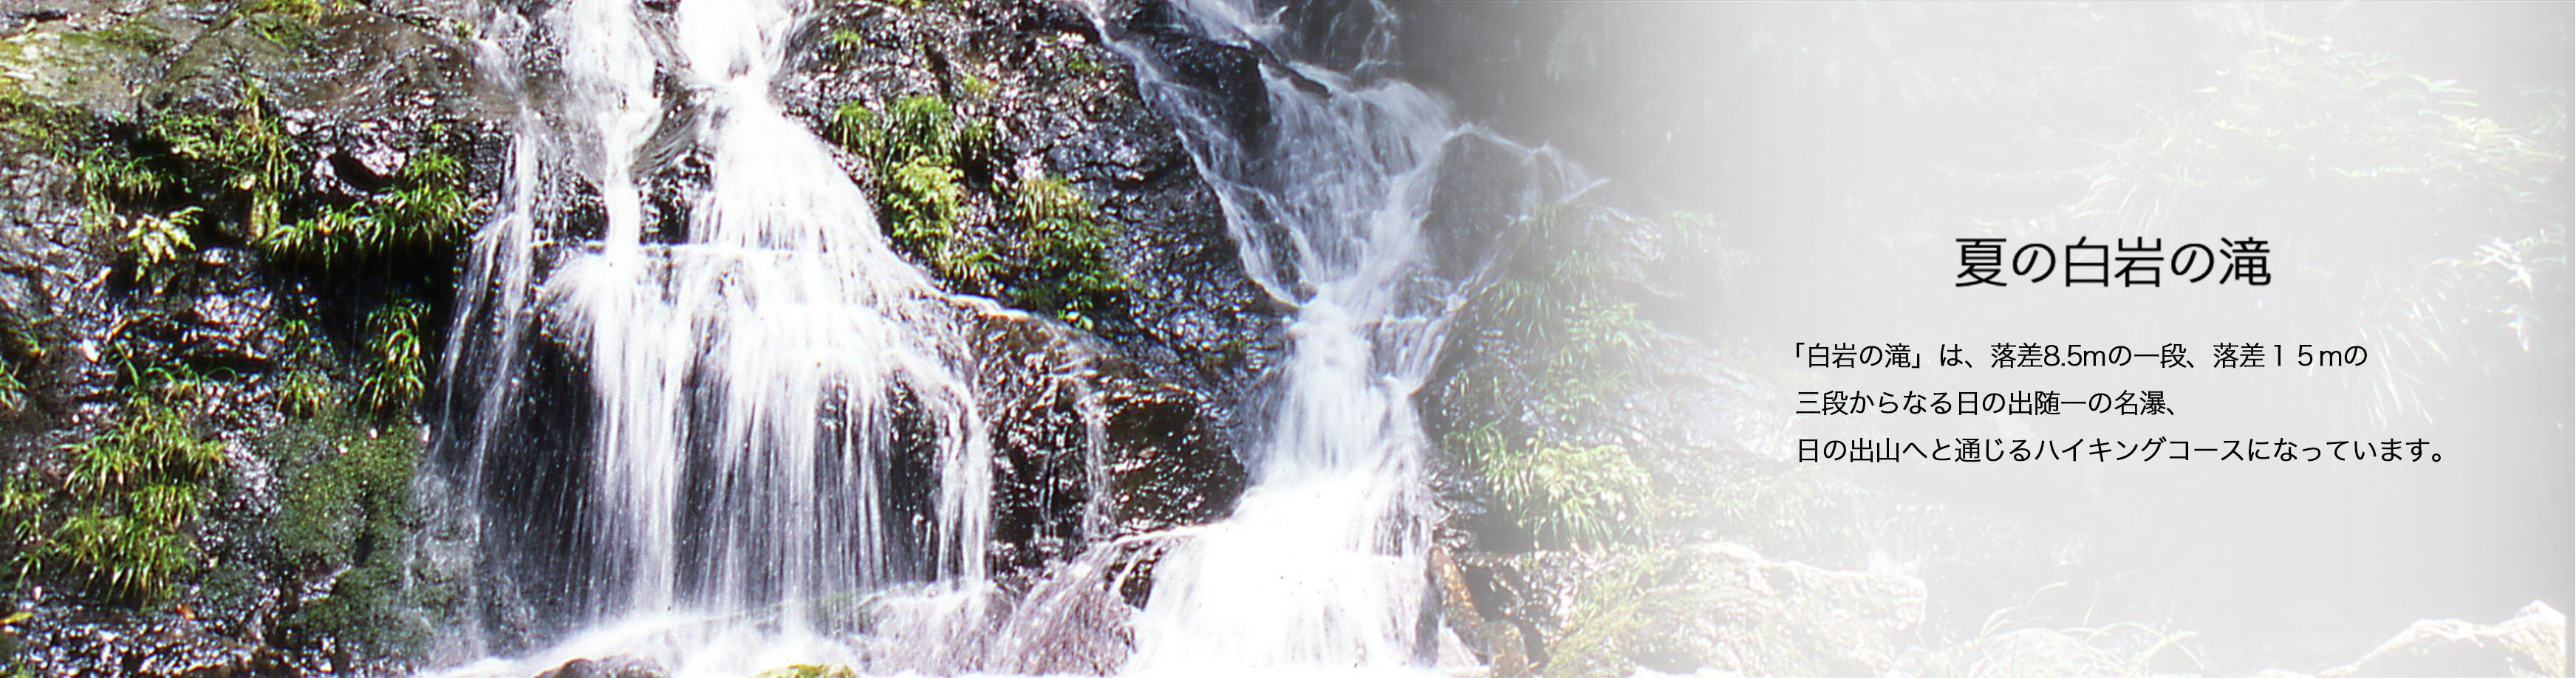 夏の白岩の滝 「白岩の滝」は、落差8.5mの一段、落差15mの 三段からなる日の出随一の名瀑、 日の出山へと通じるハイキングコースになっています。